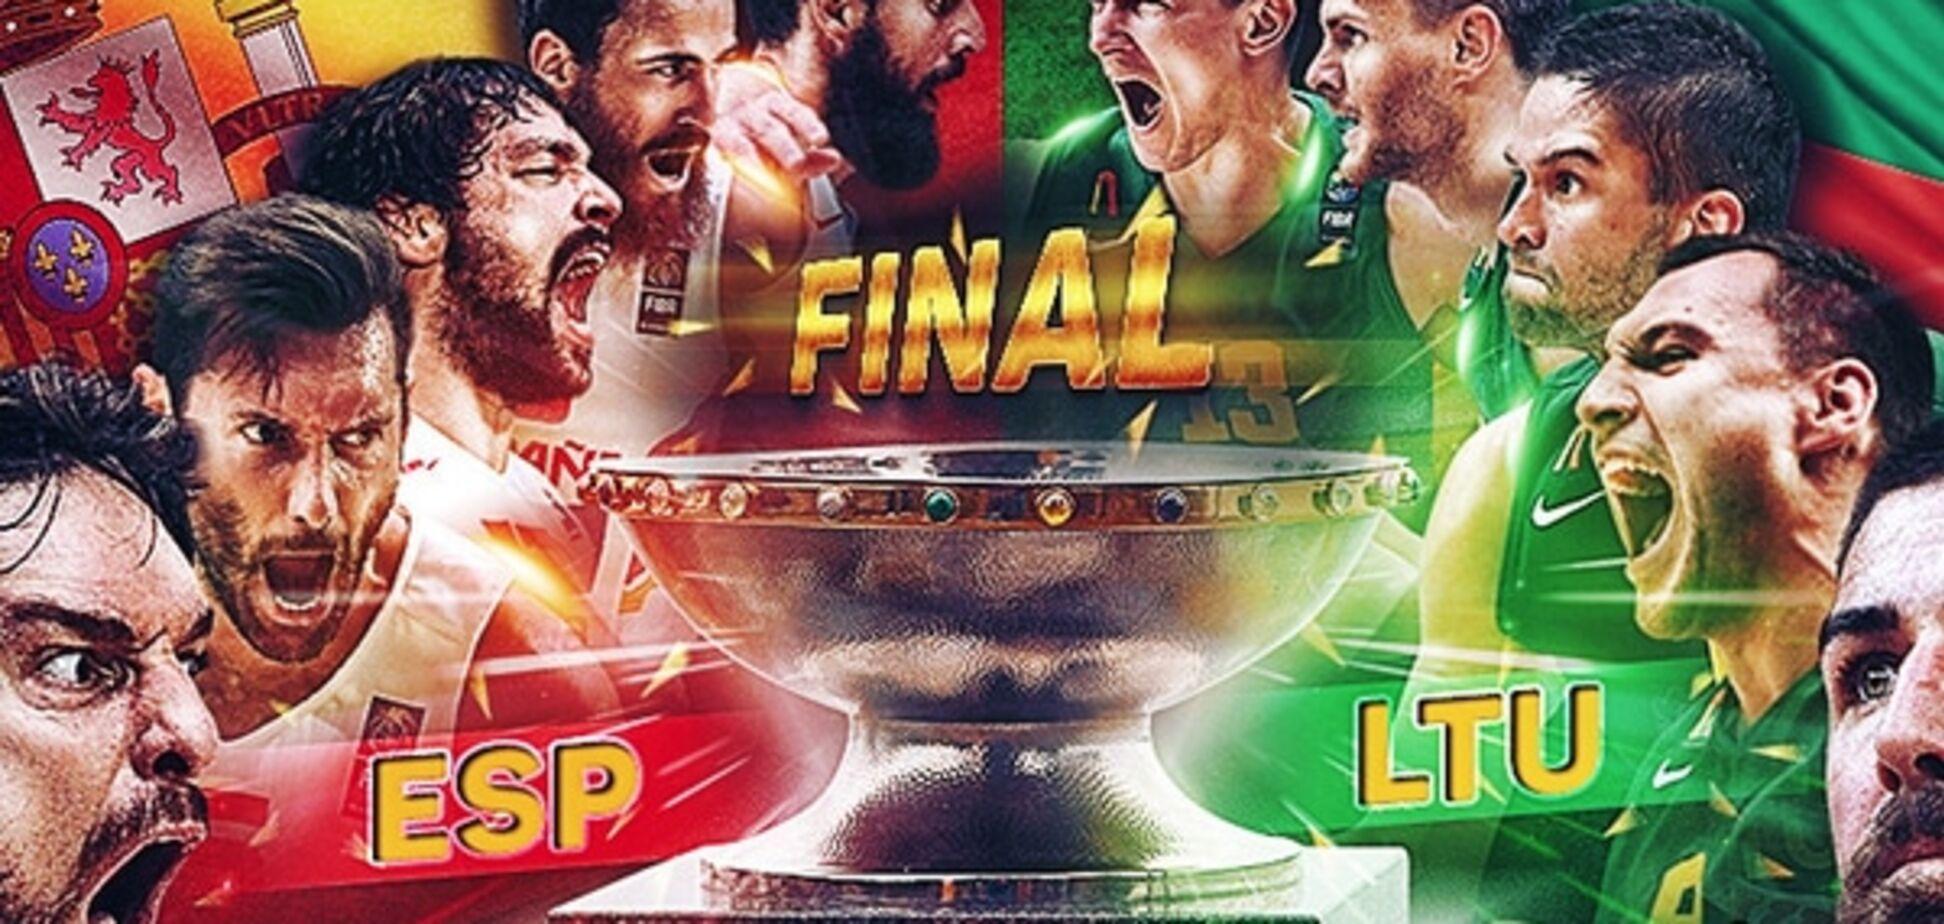 Испания - Литва - 80-63: хронология финального матча Евробаскета-2015